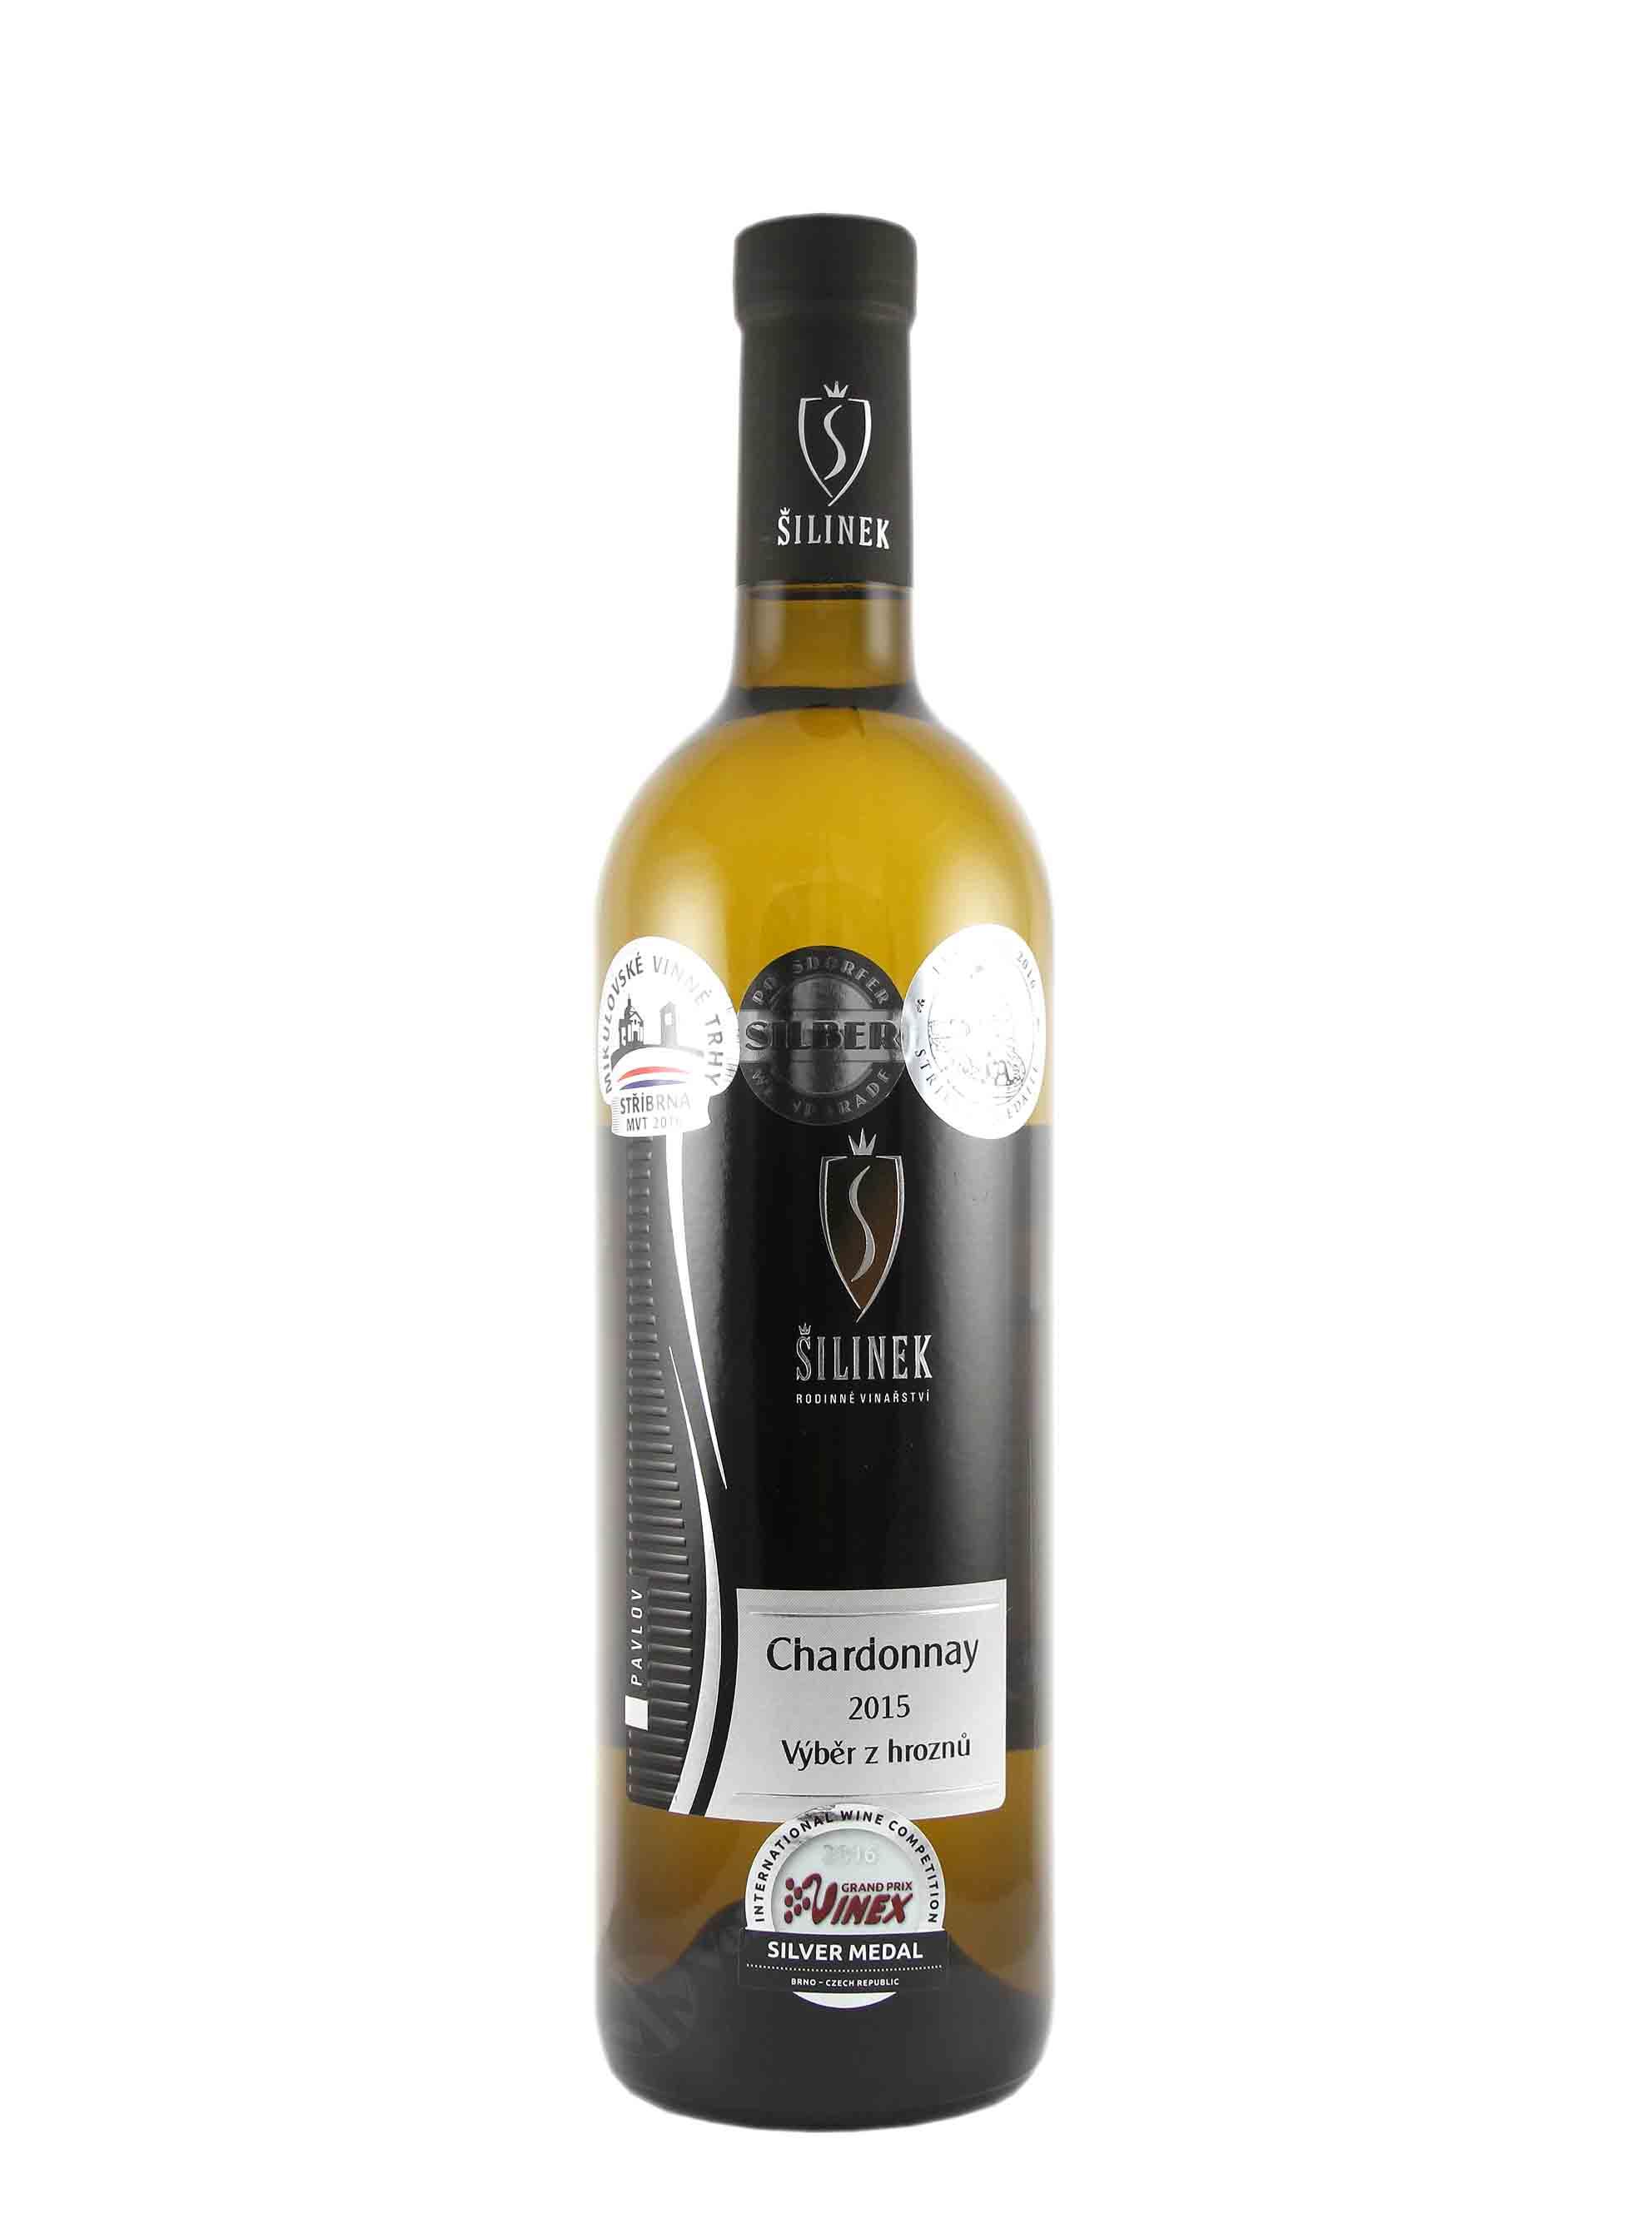 Chardonnay, Výběr z hroznů, 2015, Jiří Šilinek, 0.75 l